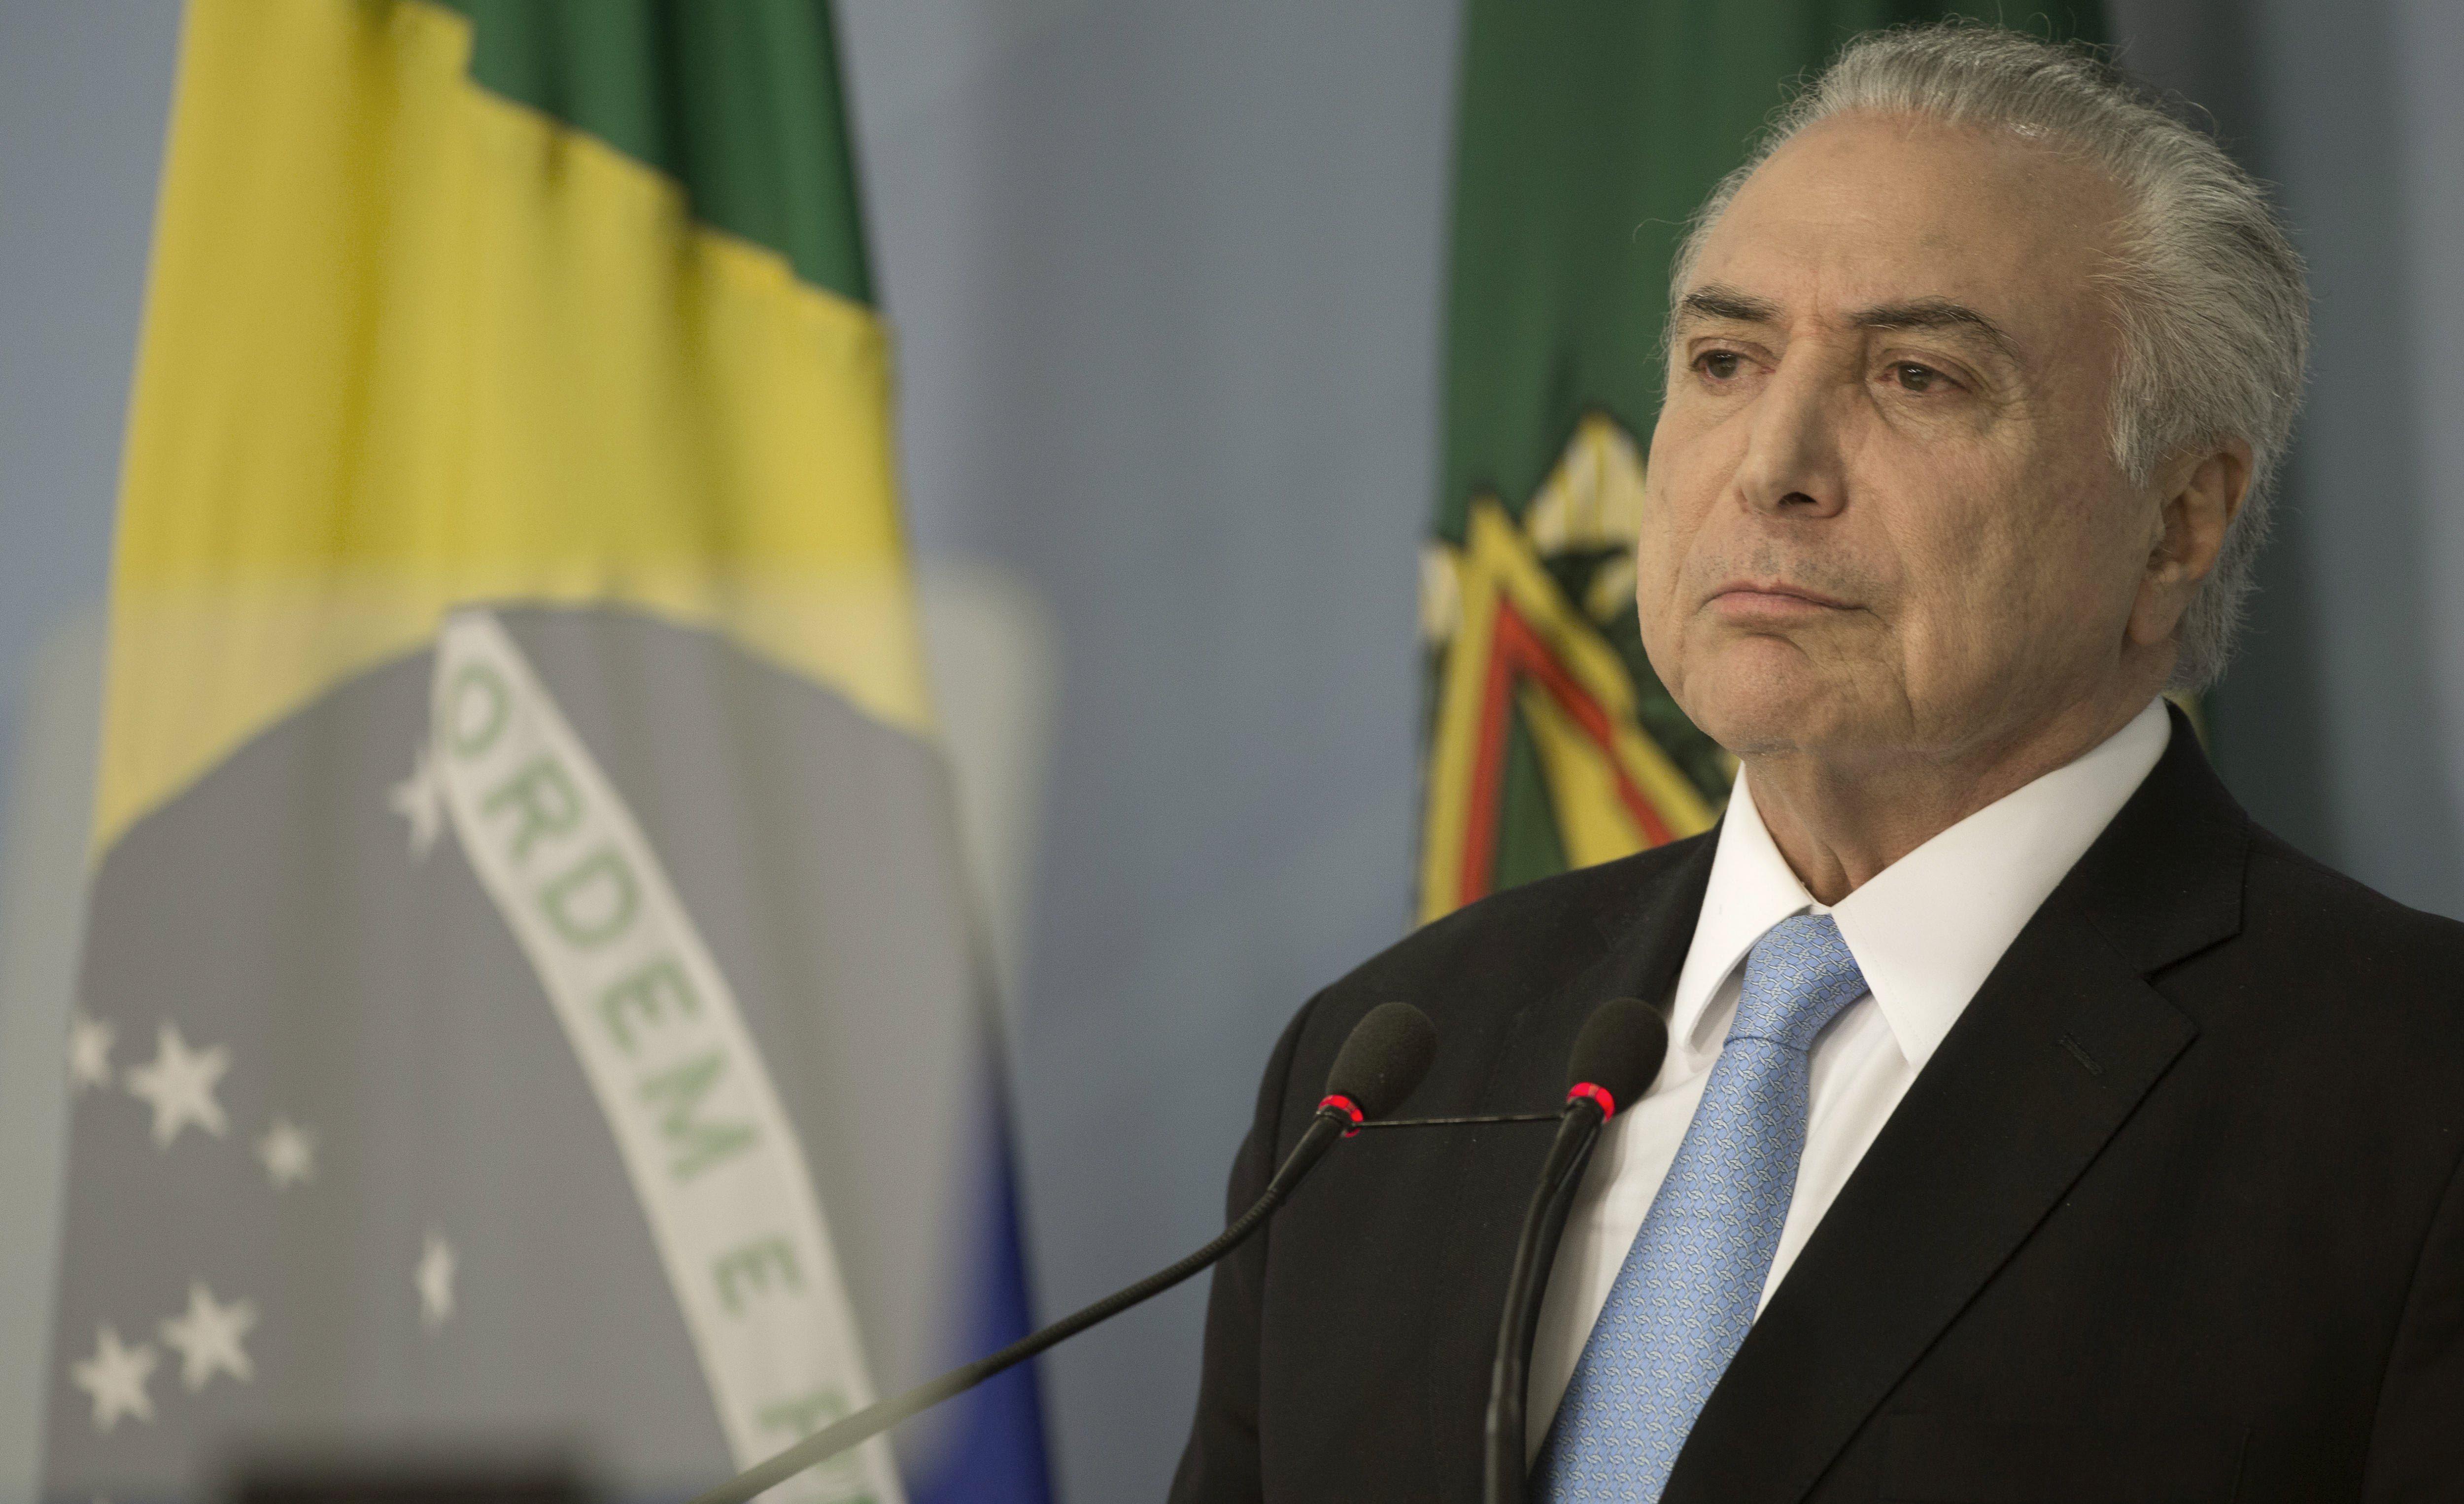 Brazilski predsjednik Temer preživio glasanje u parlamentu